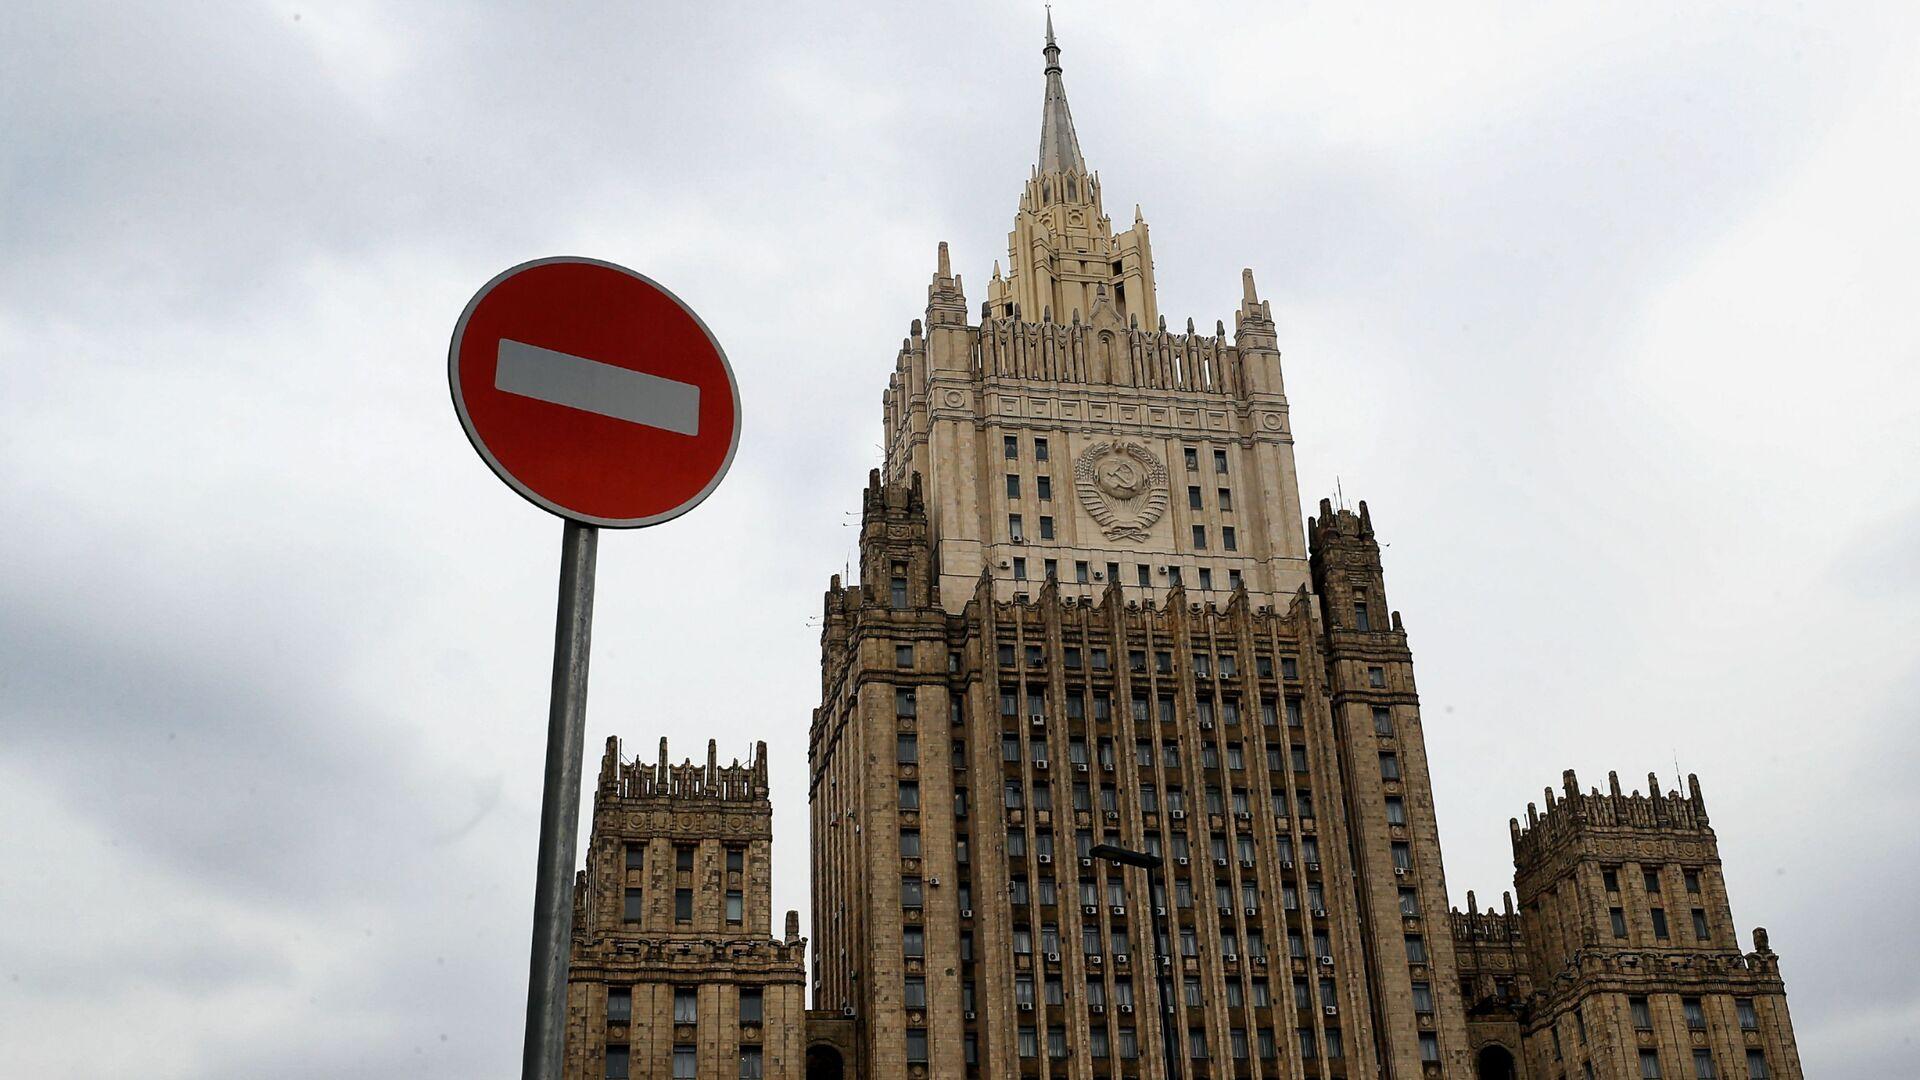 Bộ Ngoại giao Liên bang Nga. - Sputnik Việt Nam, 1920, 26.04.2021